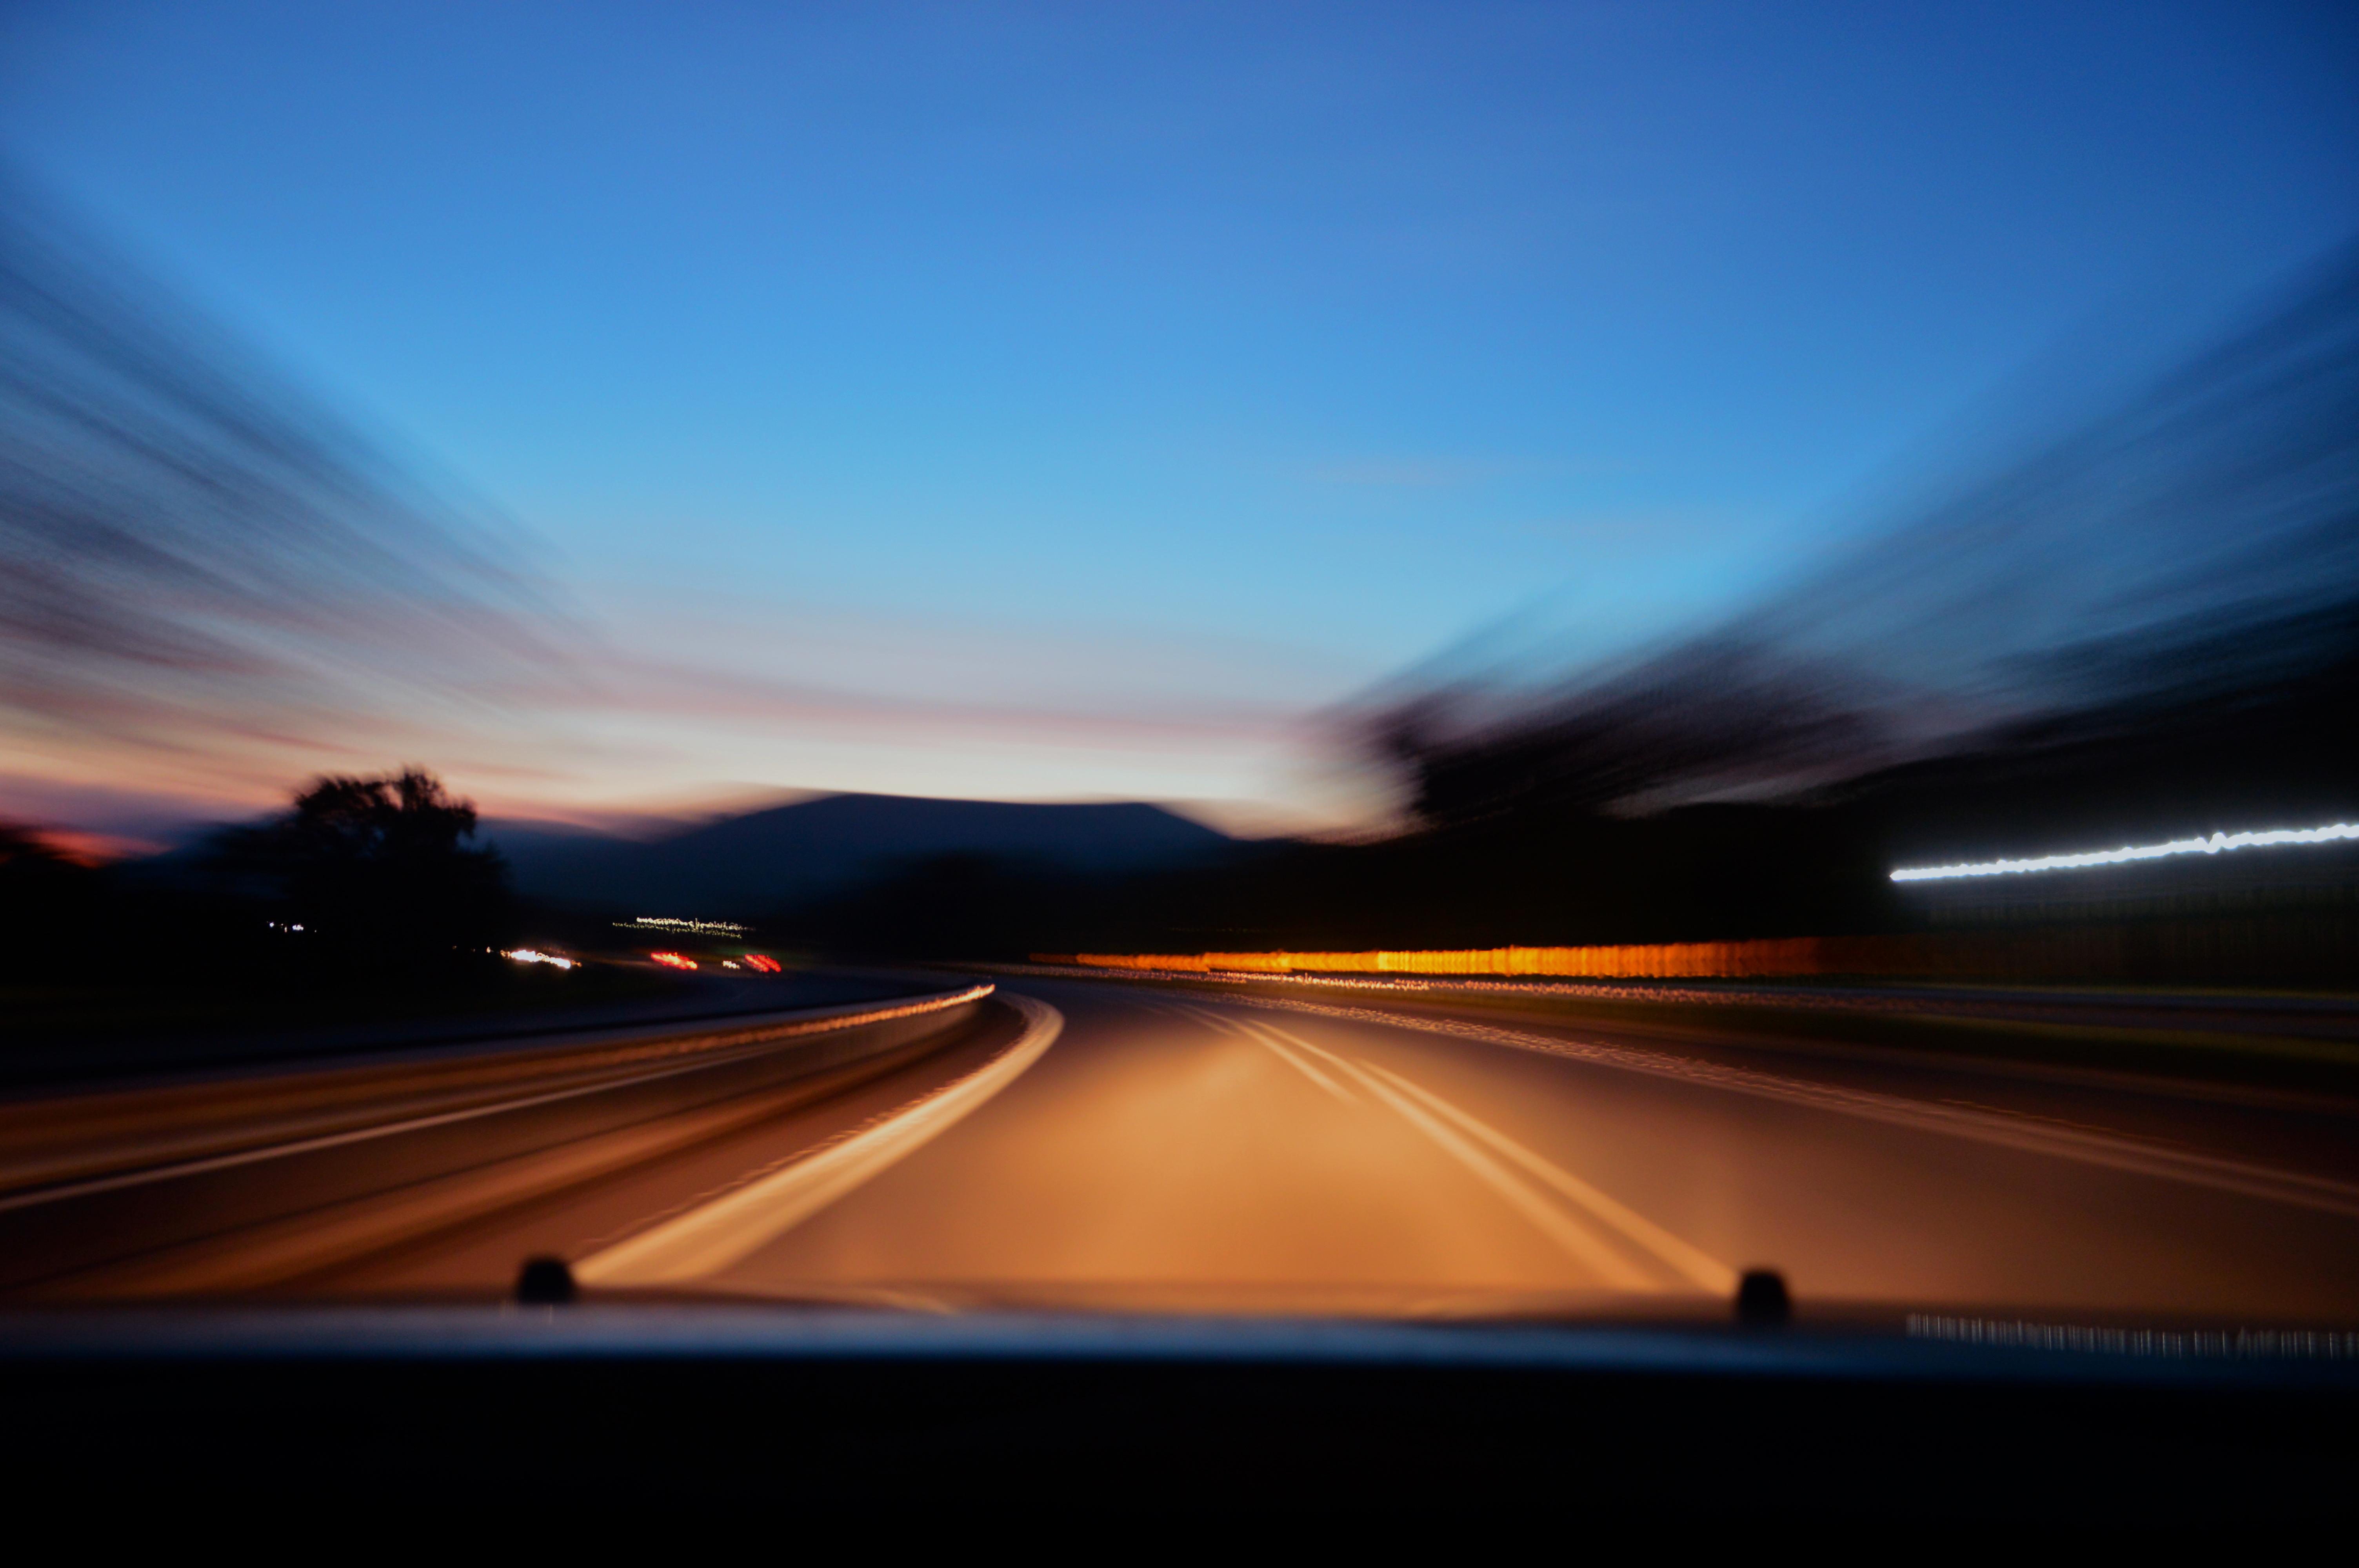 Машины ночью на дорогах картинки